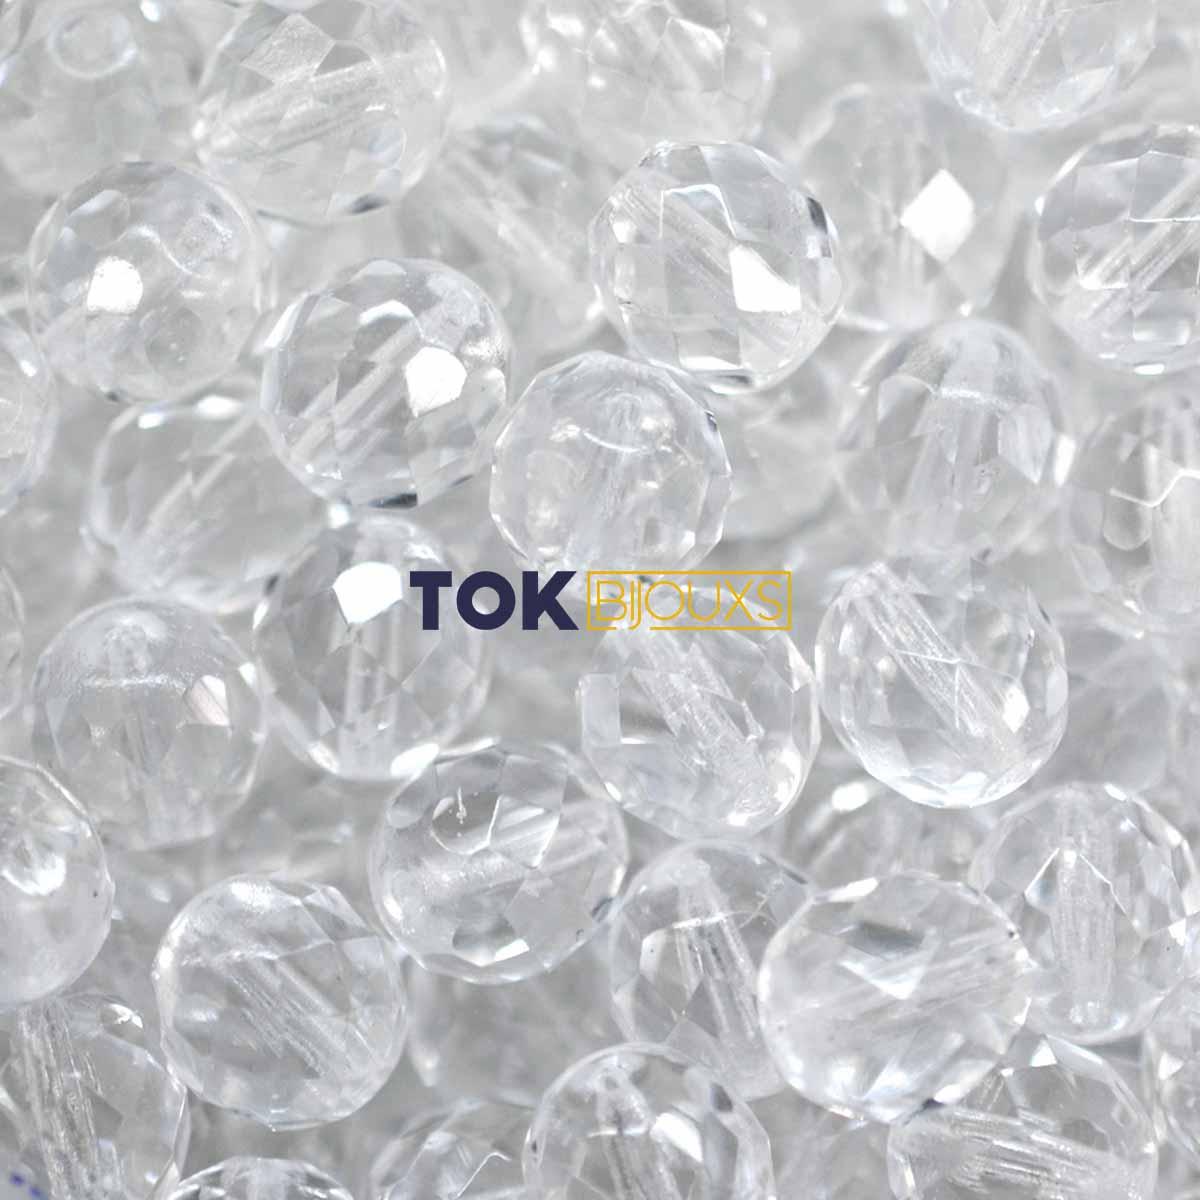 Cristal Jablonex / Preciosa ® 10mm - Transparente - Unidade